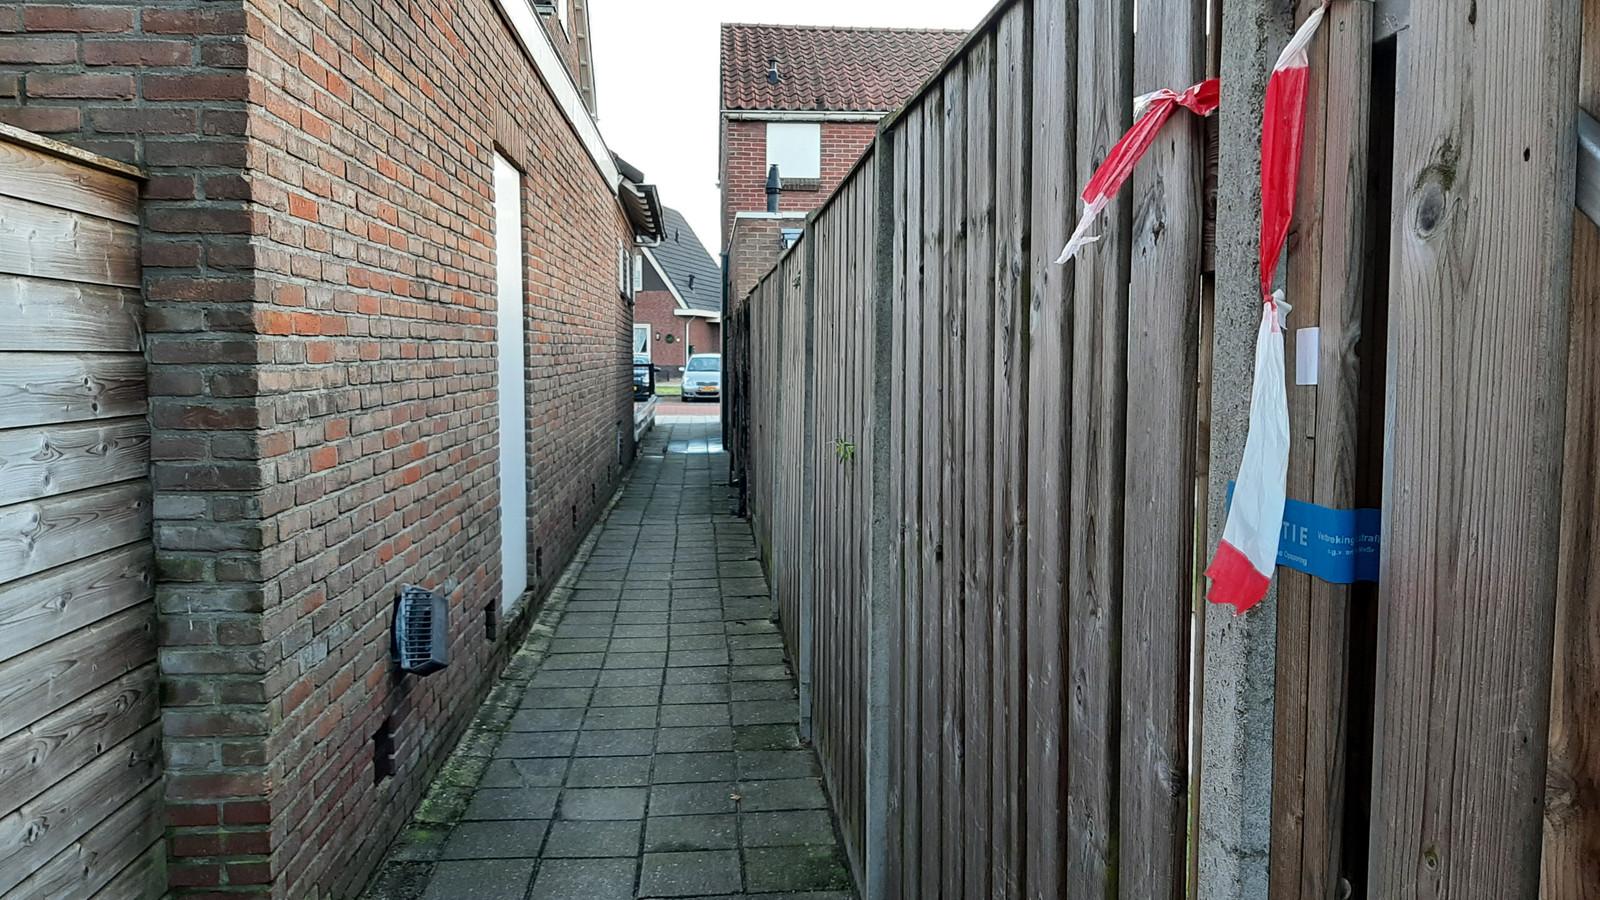 Een woning aan de Kruissteenweg in Wierden is verzegeld in verband met het onderzoek naar de dood van de 14-jarige Lotte. Recht tegenover staat een van de twee auto's van beveiligers.